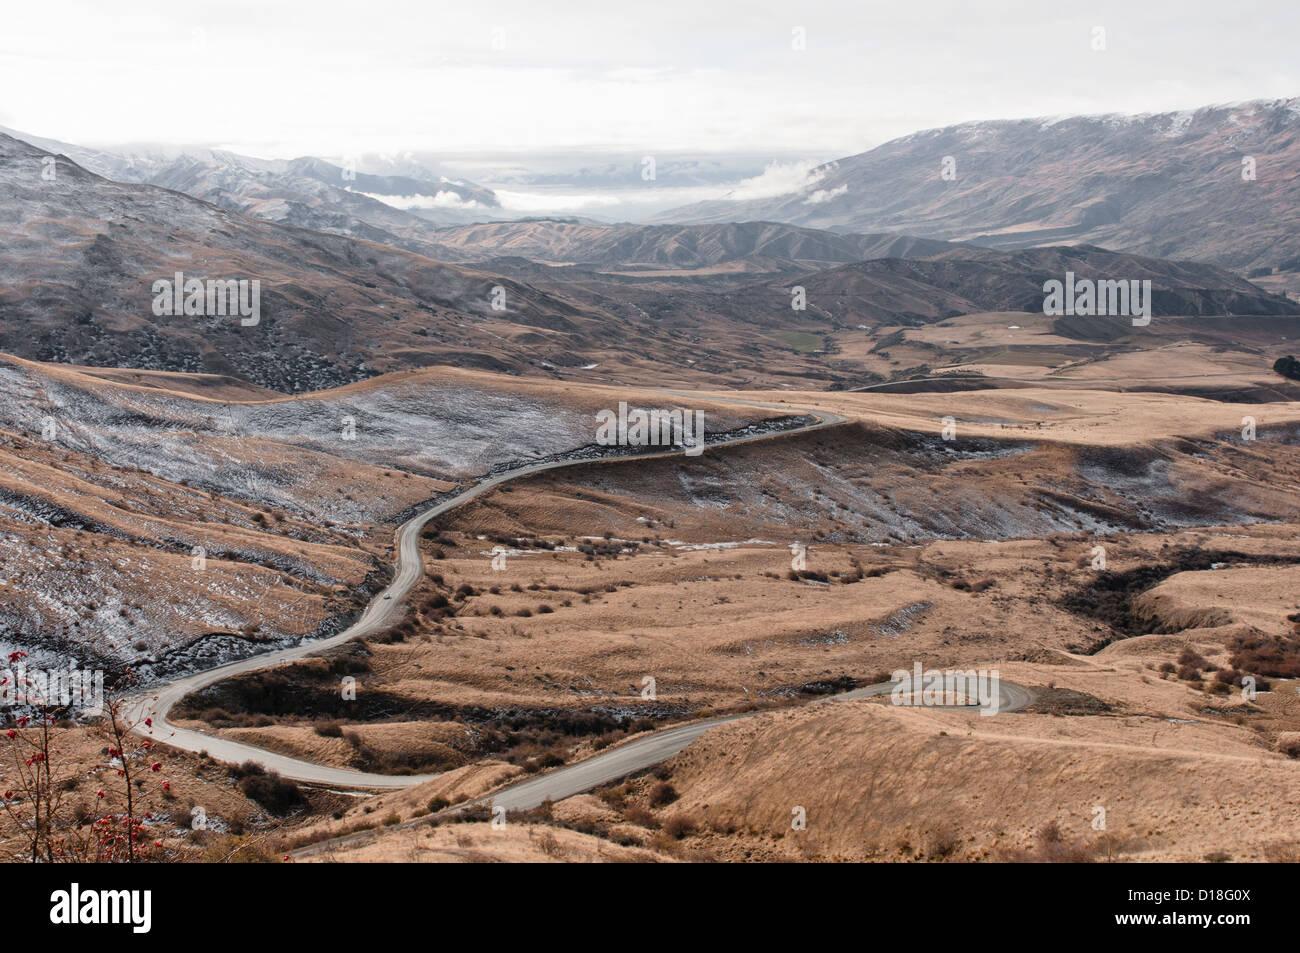 Carretera con curvas en el paisaje rural Imagen De Stock